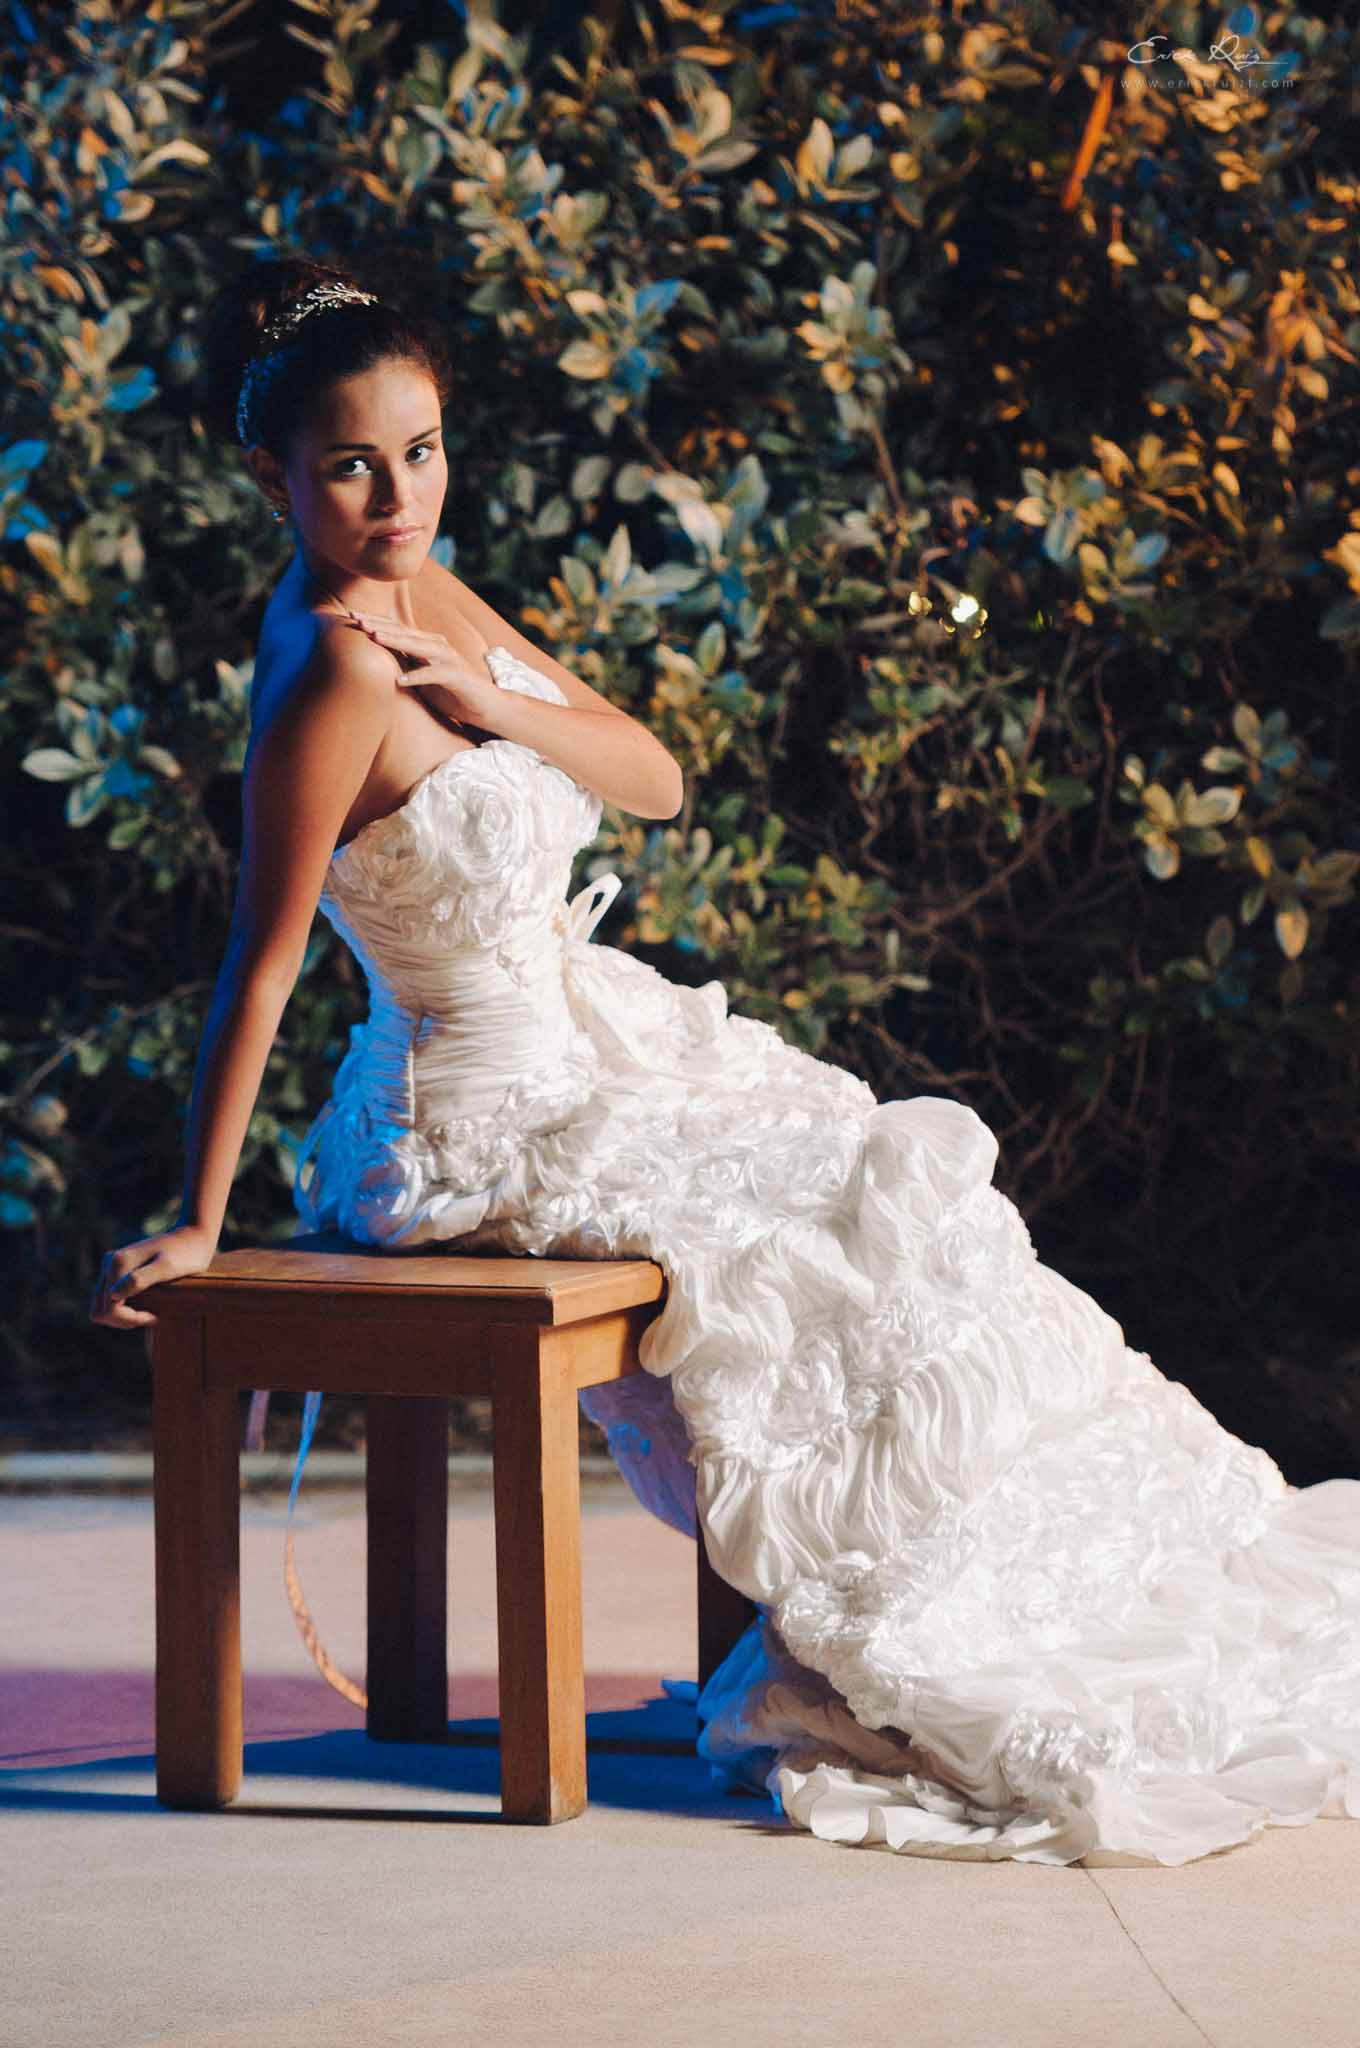 sesion de fotos casa andina, sesiond e fotos bodas, shooting, sesion de fotos en piura, fotografo de boda en piura, fotografo en piura, bodas de dia, bodas de noche, bodas en piura, zoomx studio, erick ruiz